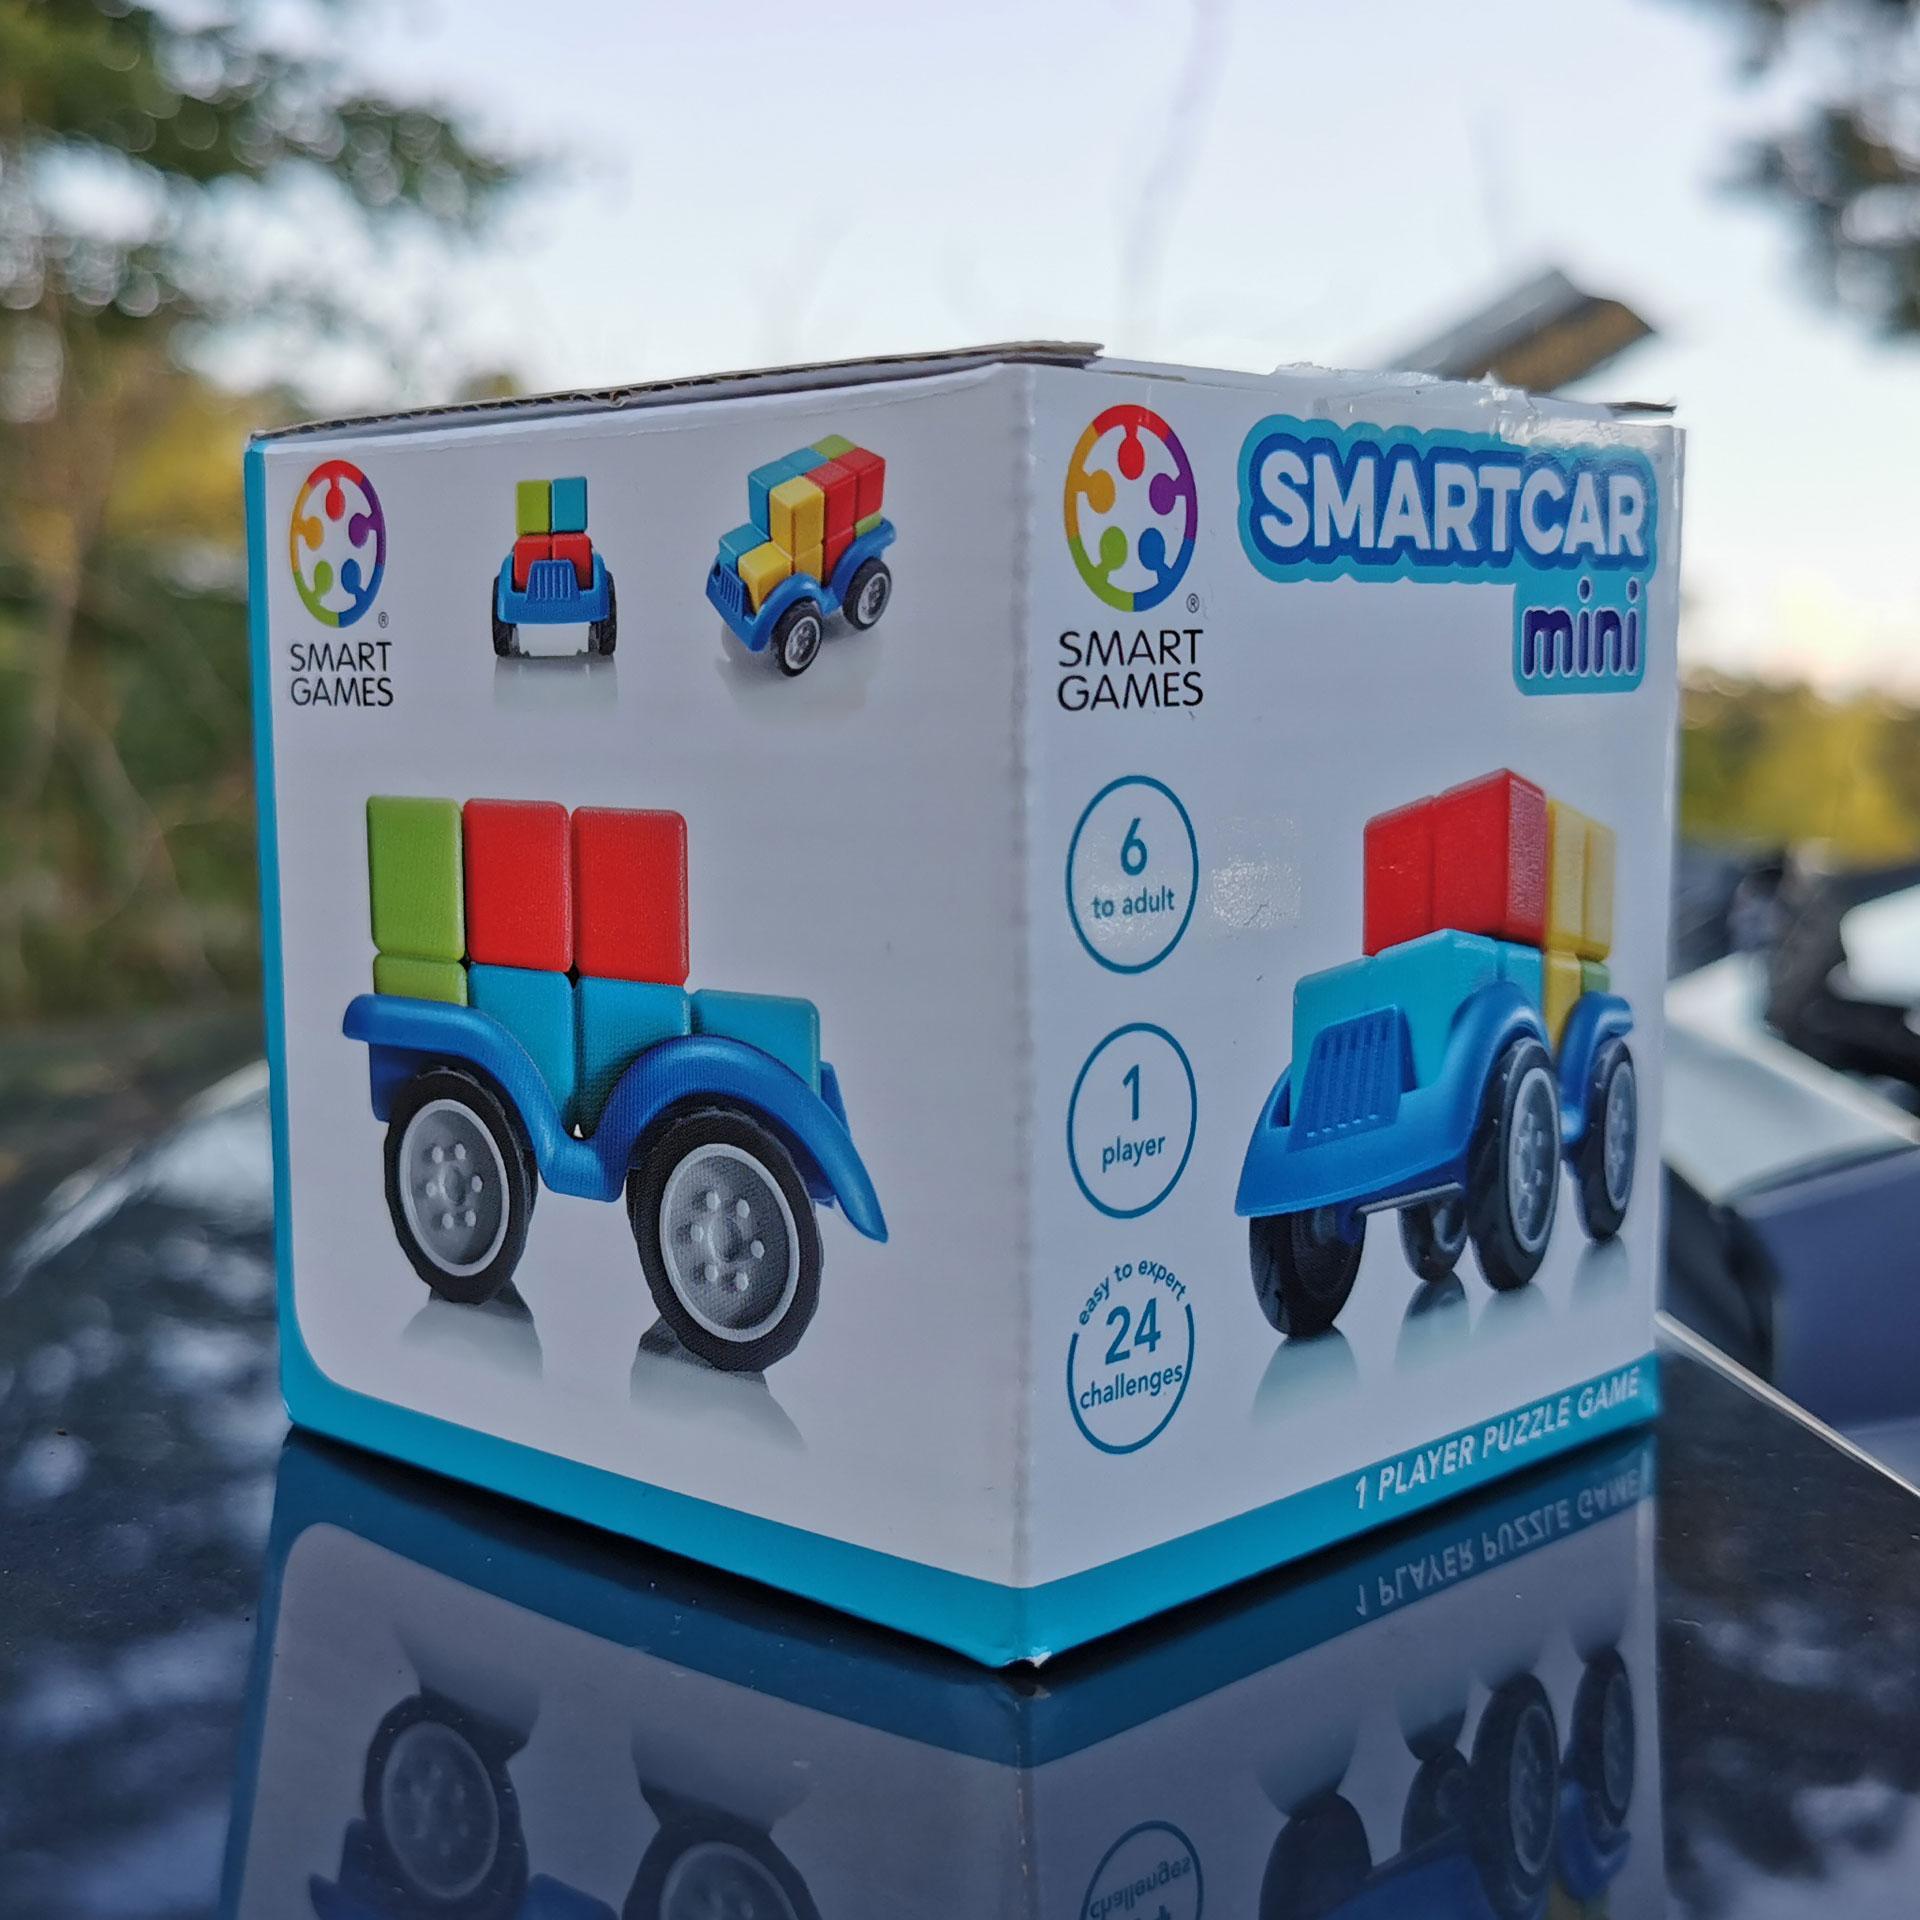 Smart Games SmartCar Mini Verpakking